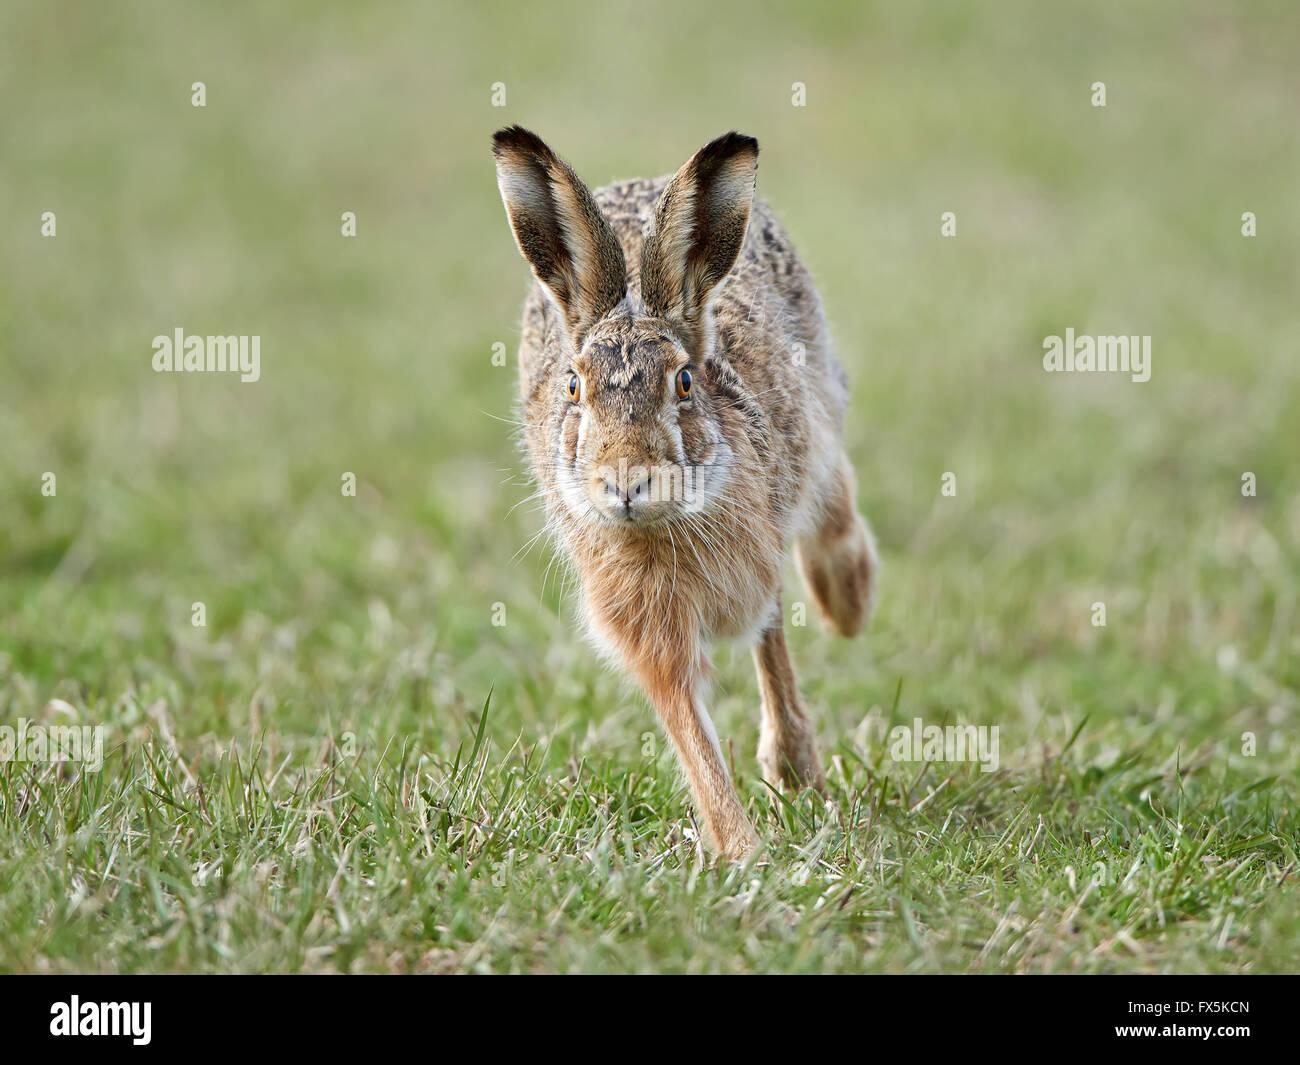 Liebre europea corriendo en su hábitat natural Imagen De Stock